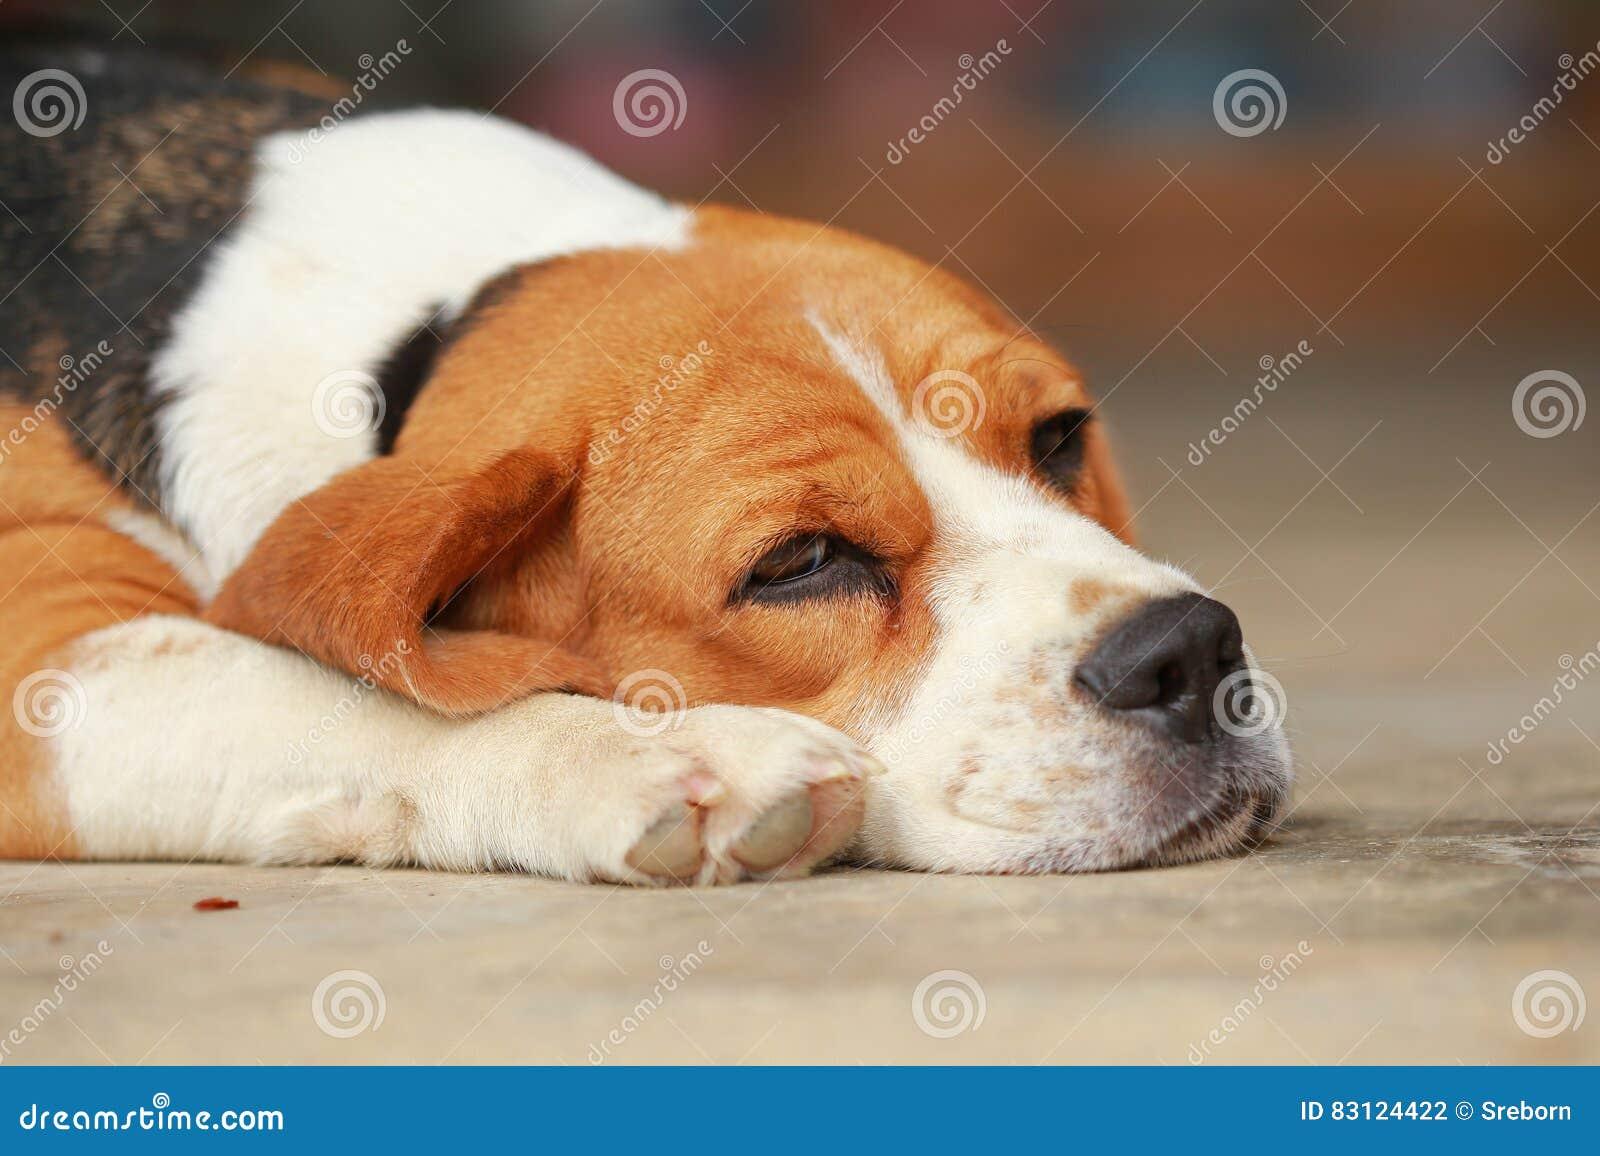 Der Schlafende Spürhundhund Und Machen Etwas Pause Stockfoto Bild